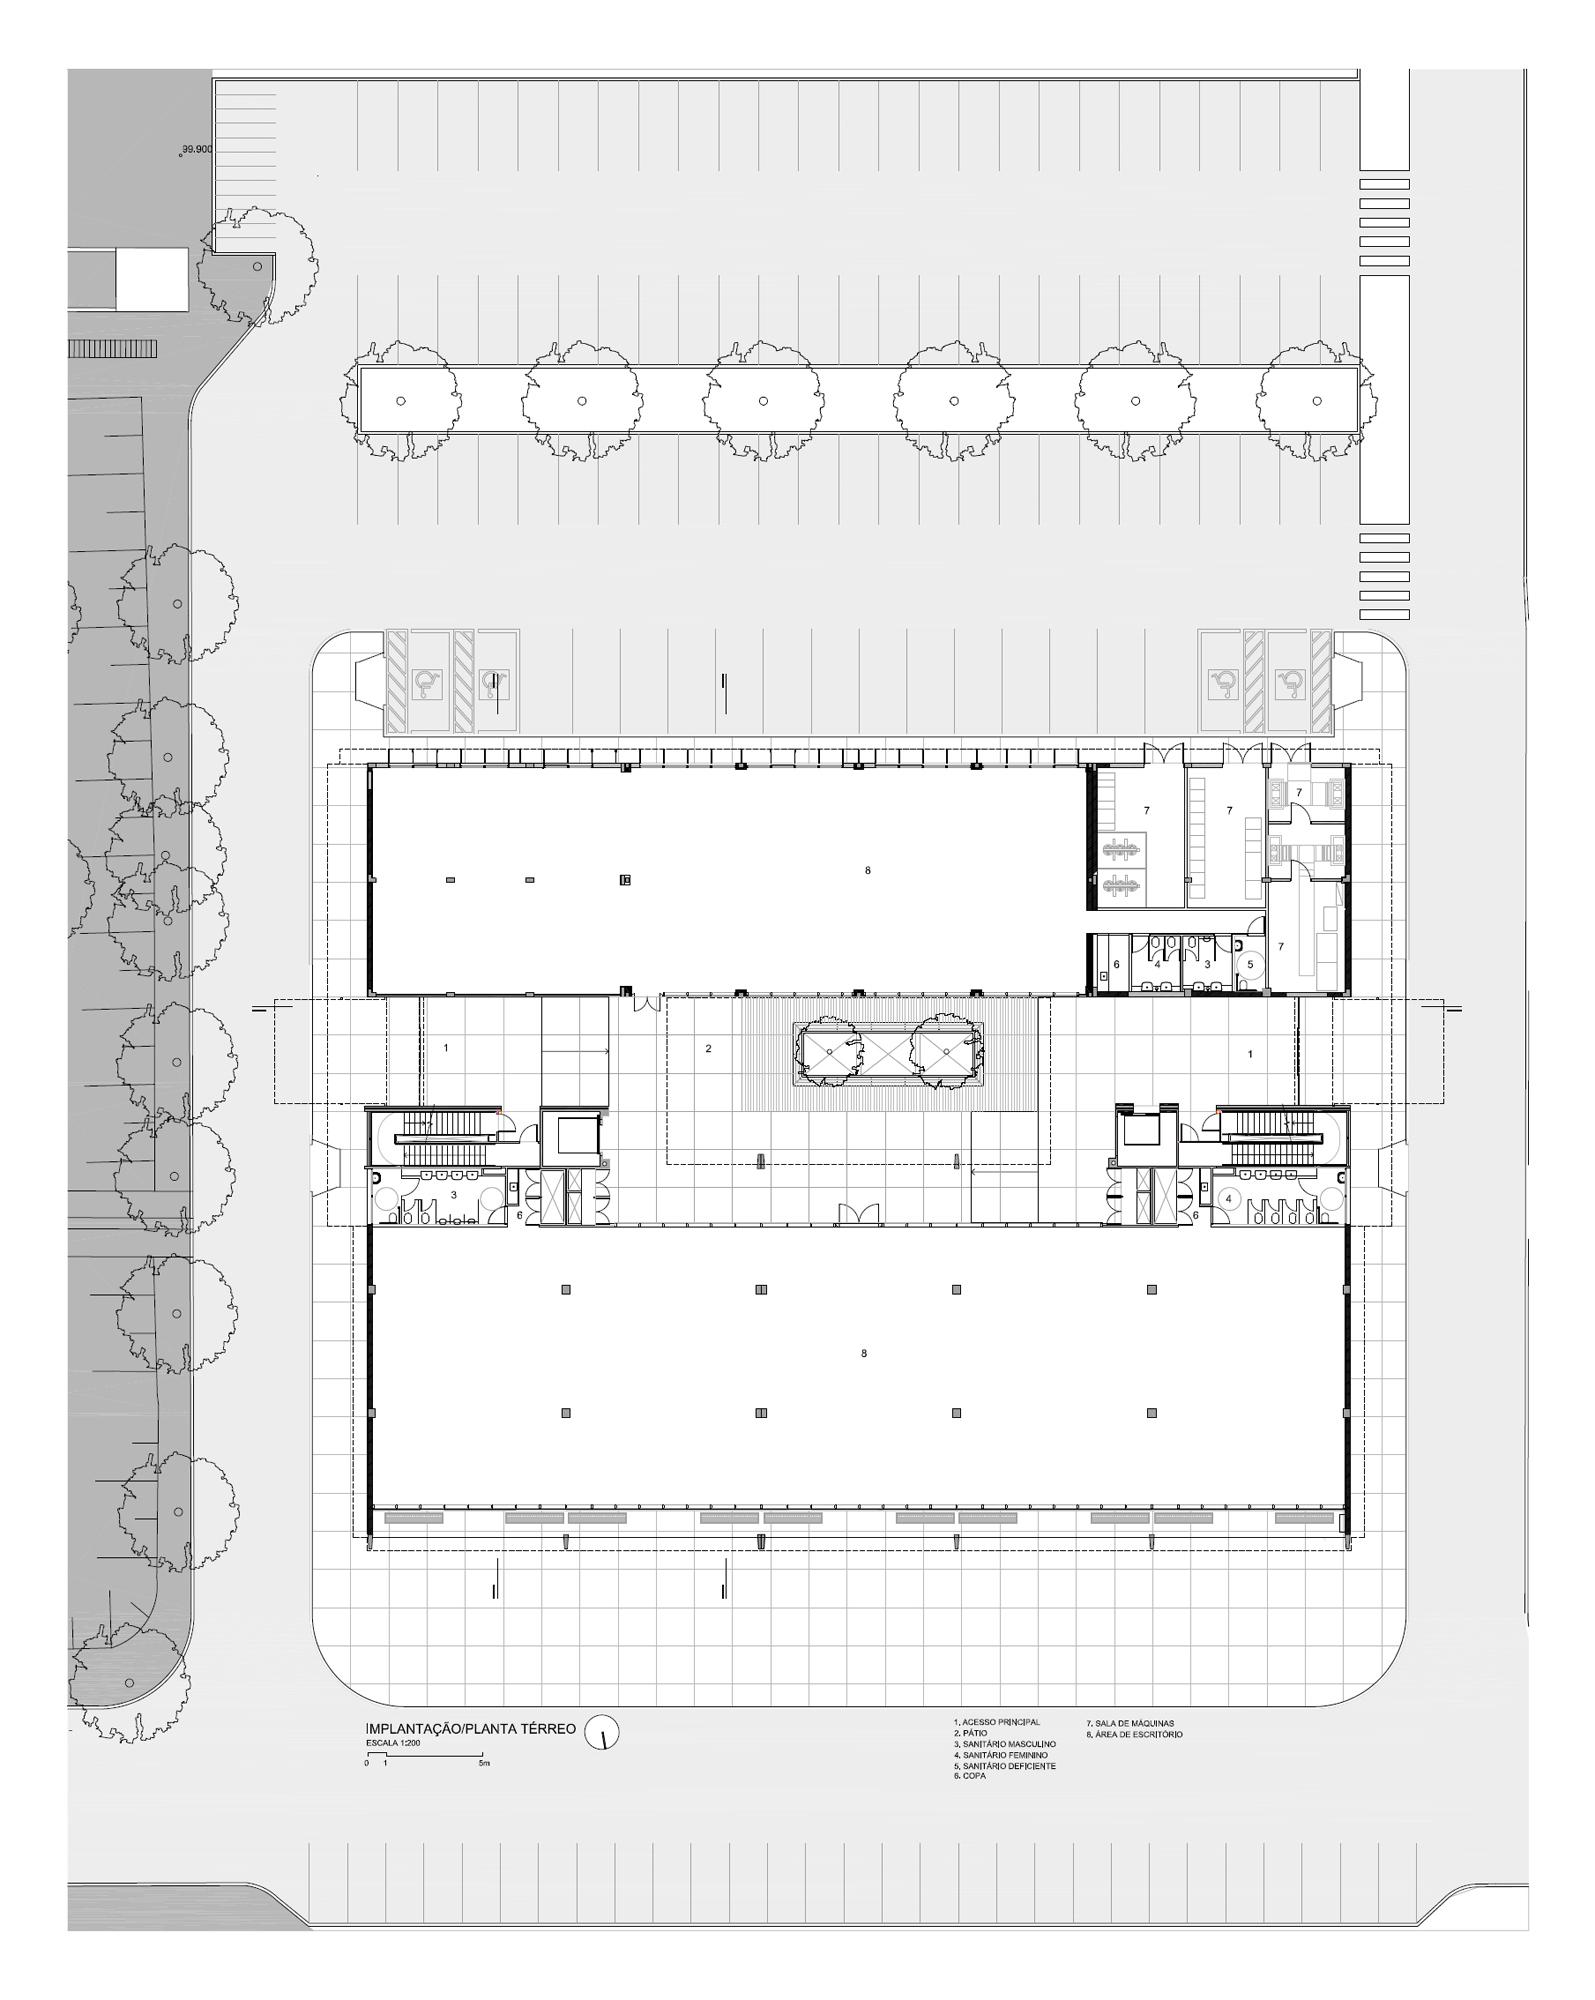 Super Galeria de Prédio 31 / Marcos Acayaba Arquitetos + Metrópole  JY75